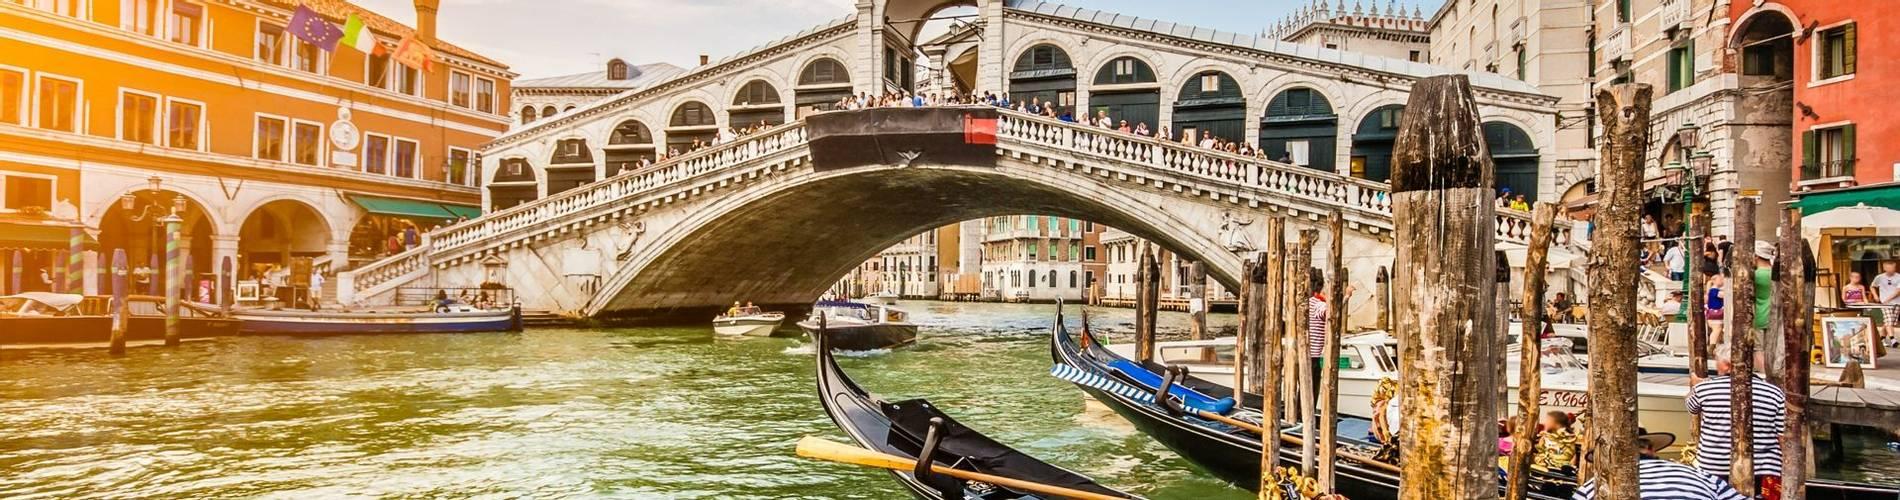 Rialto Bridge Venice.jpg